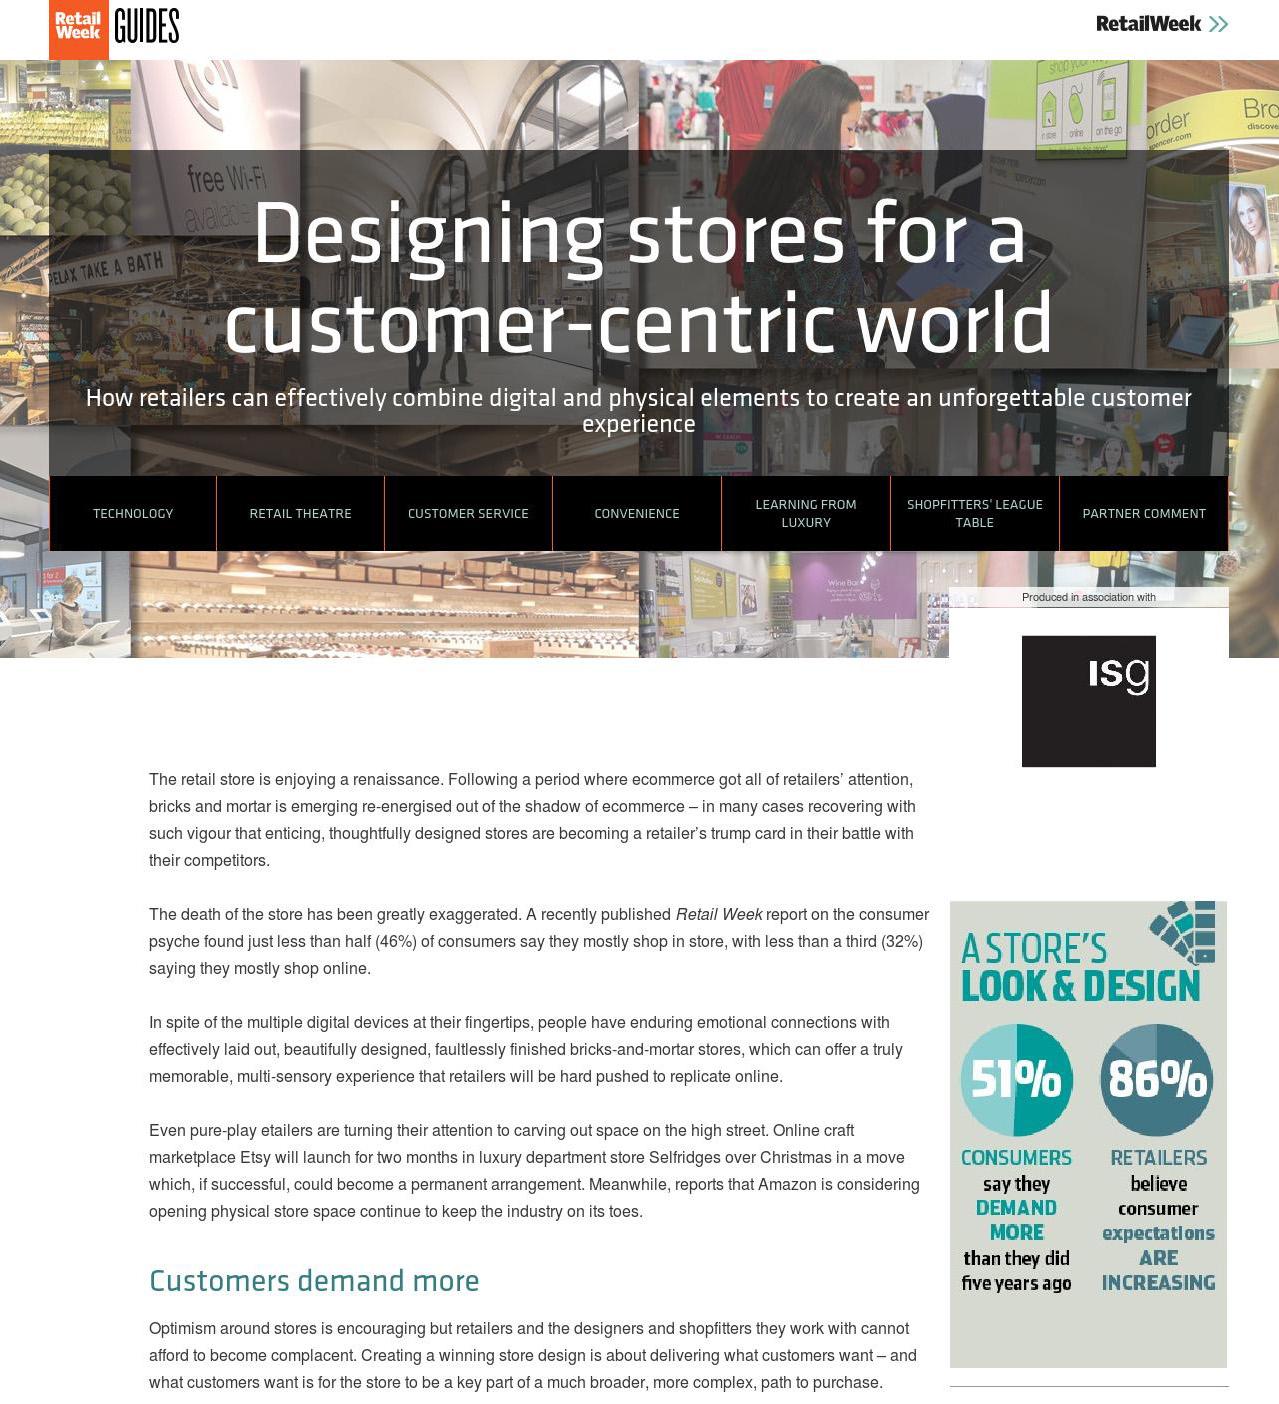 Designing stores